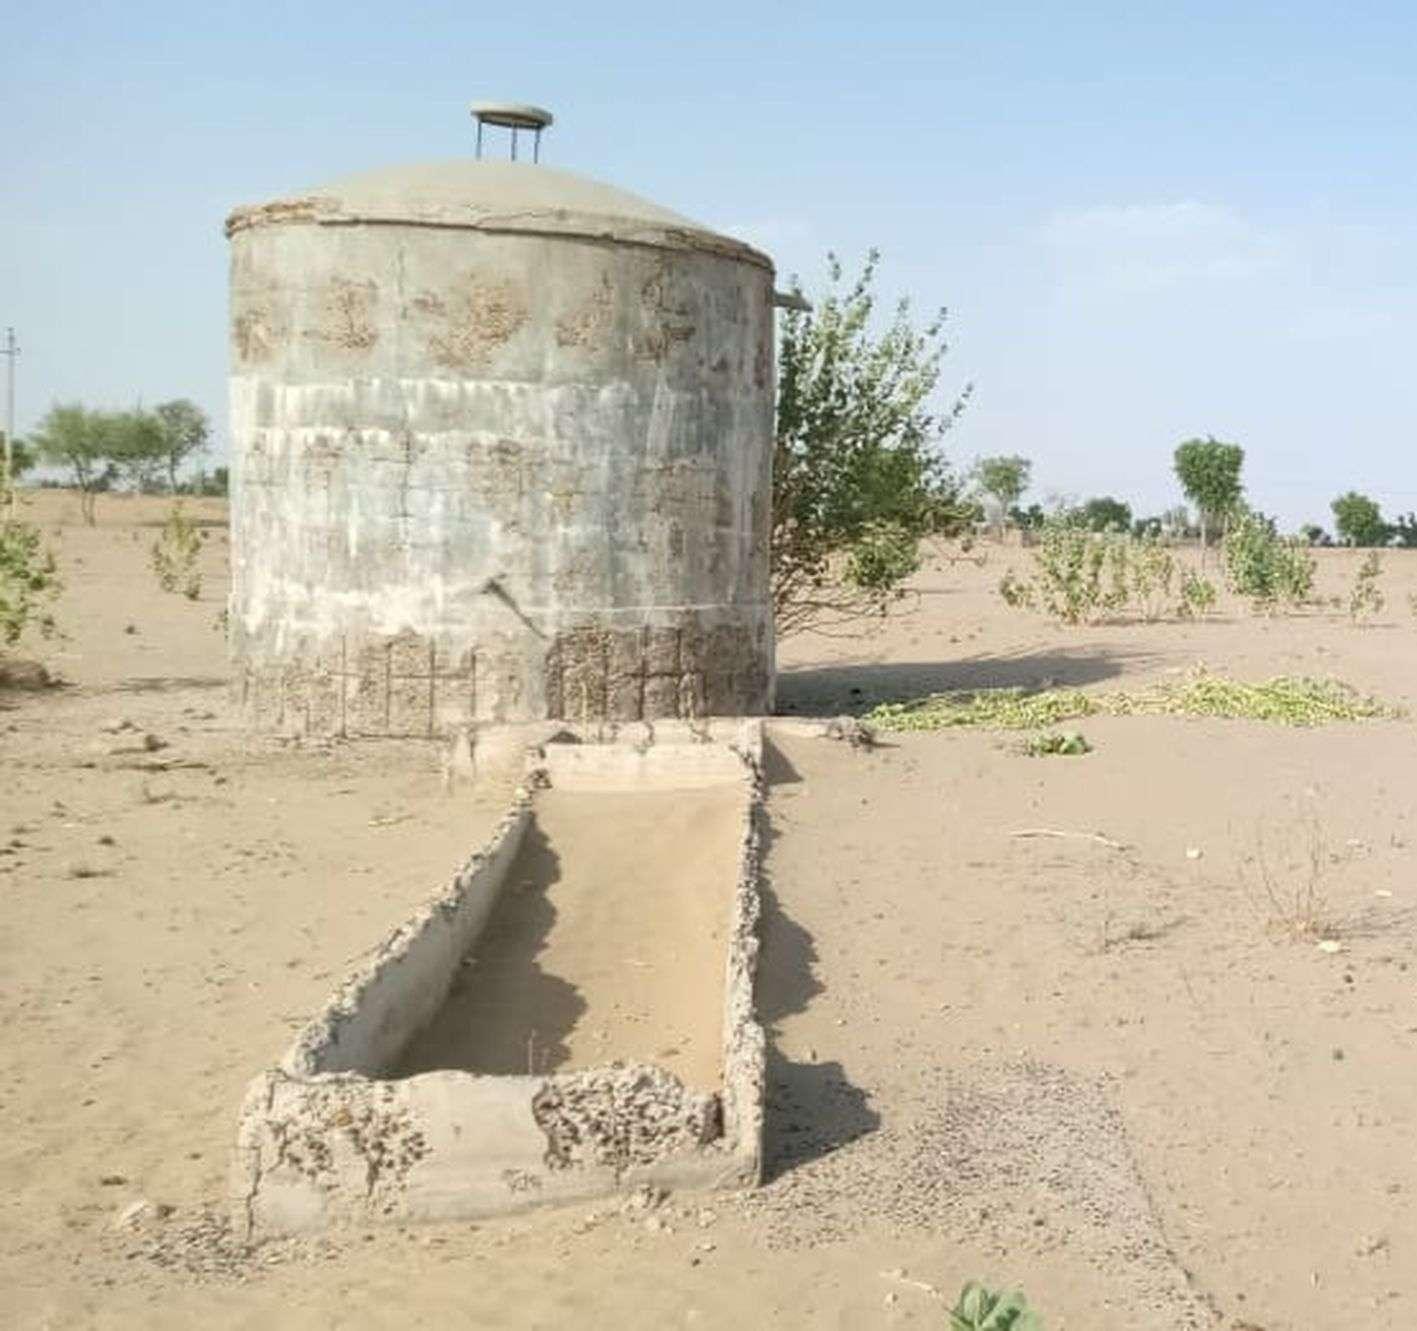 दस साल पहले बना गांव, सुविधाओं का नहीं नाम